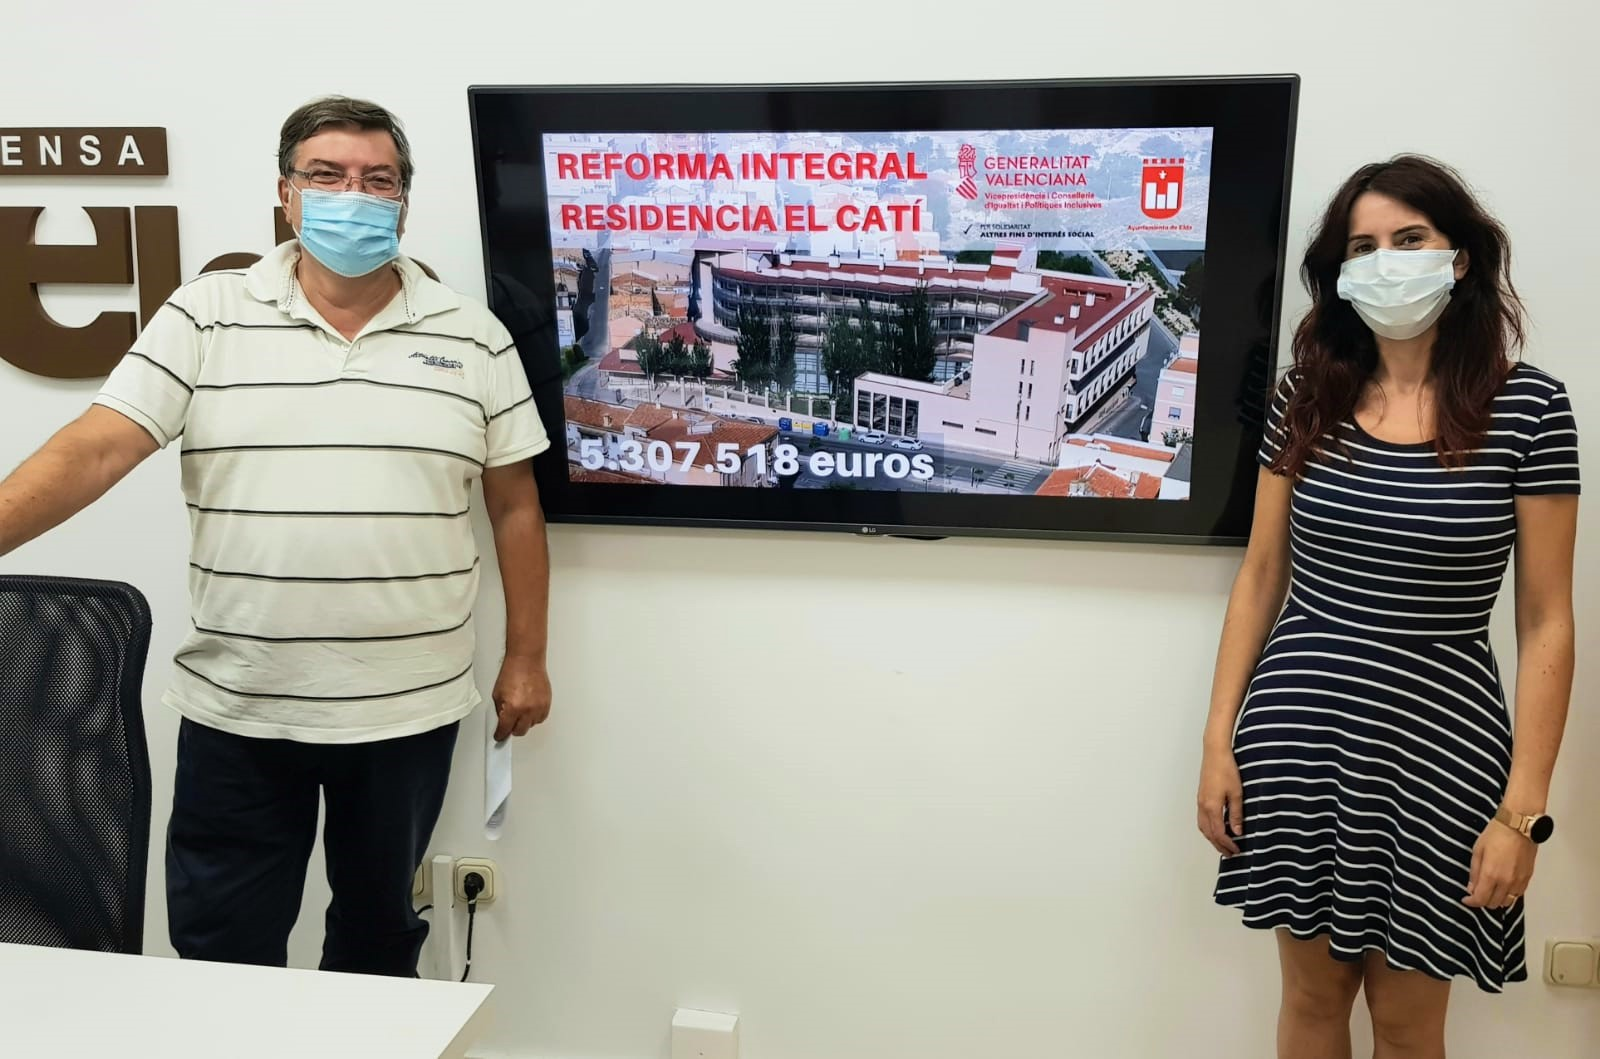 Los trabajos de reforma de la Residencia de Mayores El Catí comenzarán a finales de agosto tras solicitar la empresa adjudicataria la licencia de obras al Ayuntamiento de Elda